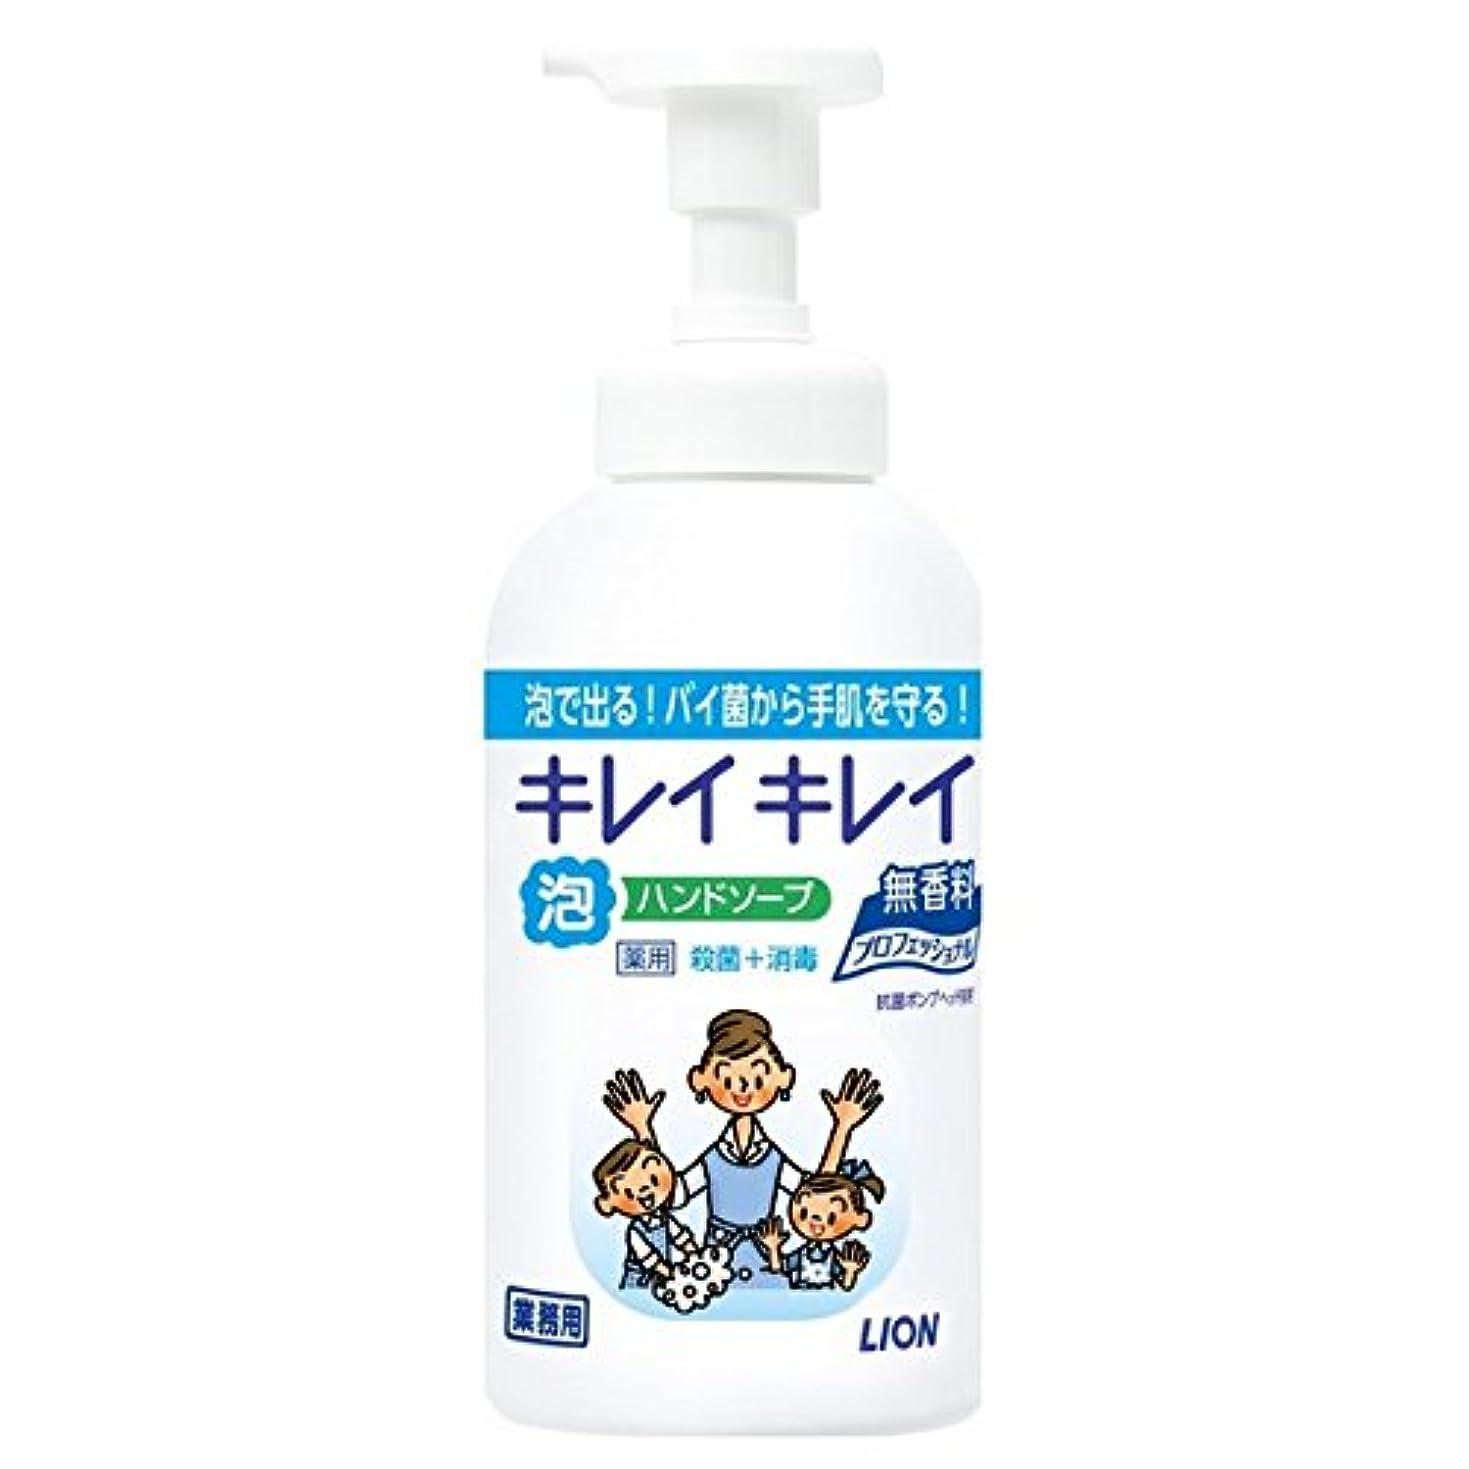 余剰舌冷淡なライオン キレイキレイ薬用泡ハンドソープ 無香料 550ml×12本入